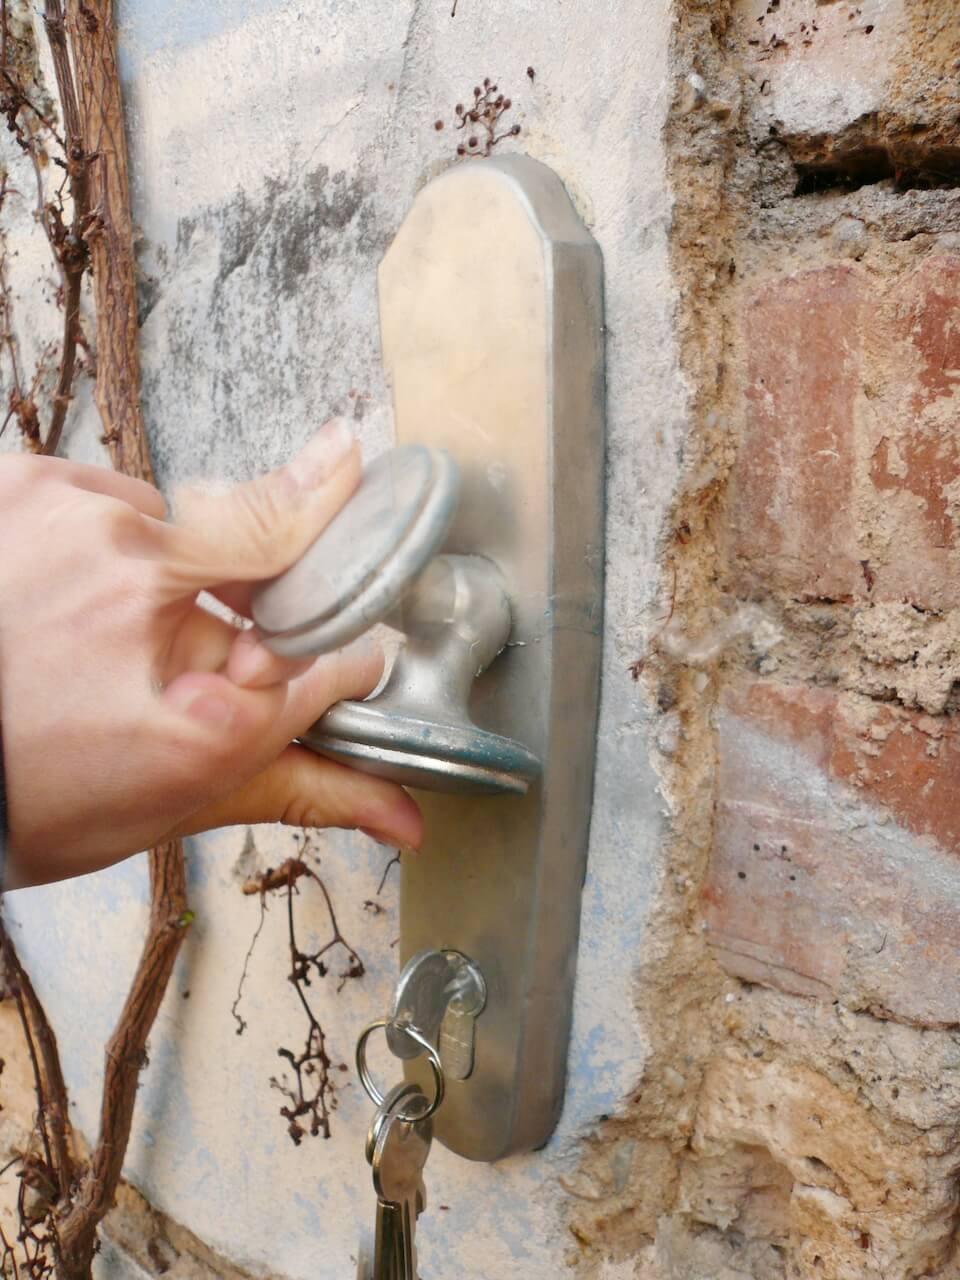 leipzig_art_contemporary_meenan_doorknob_lockeddoor_P1020872.jpg